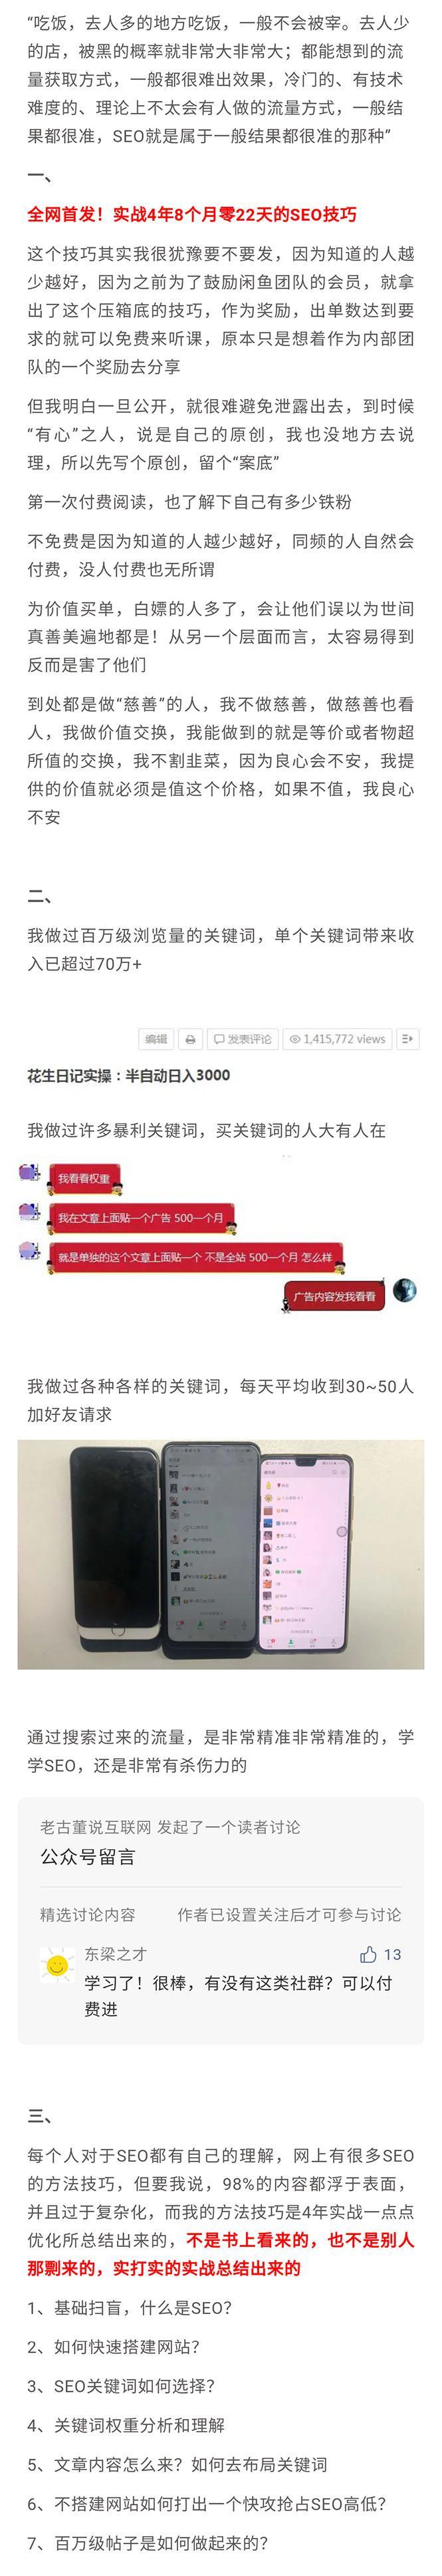 如何利用seo关键词获取精准流量日赚万元